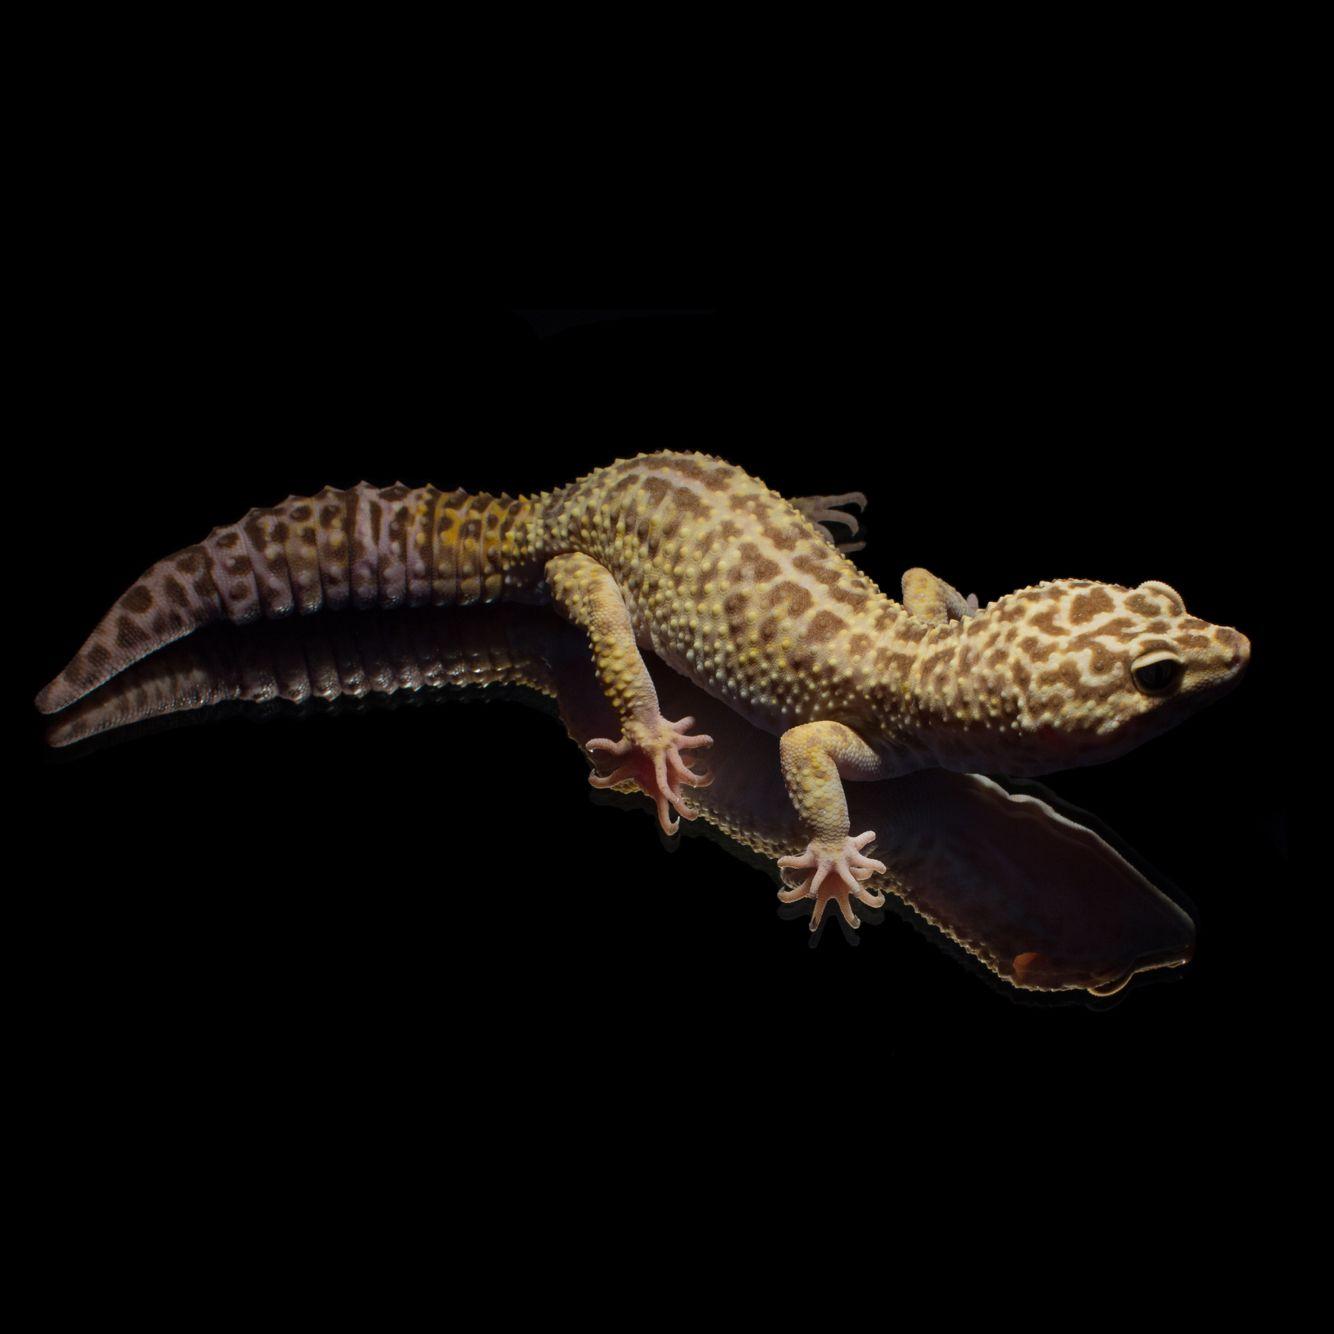 #Leopardgecko 'Churchill' Tangerine Tremper Albino